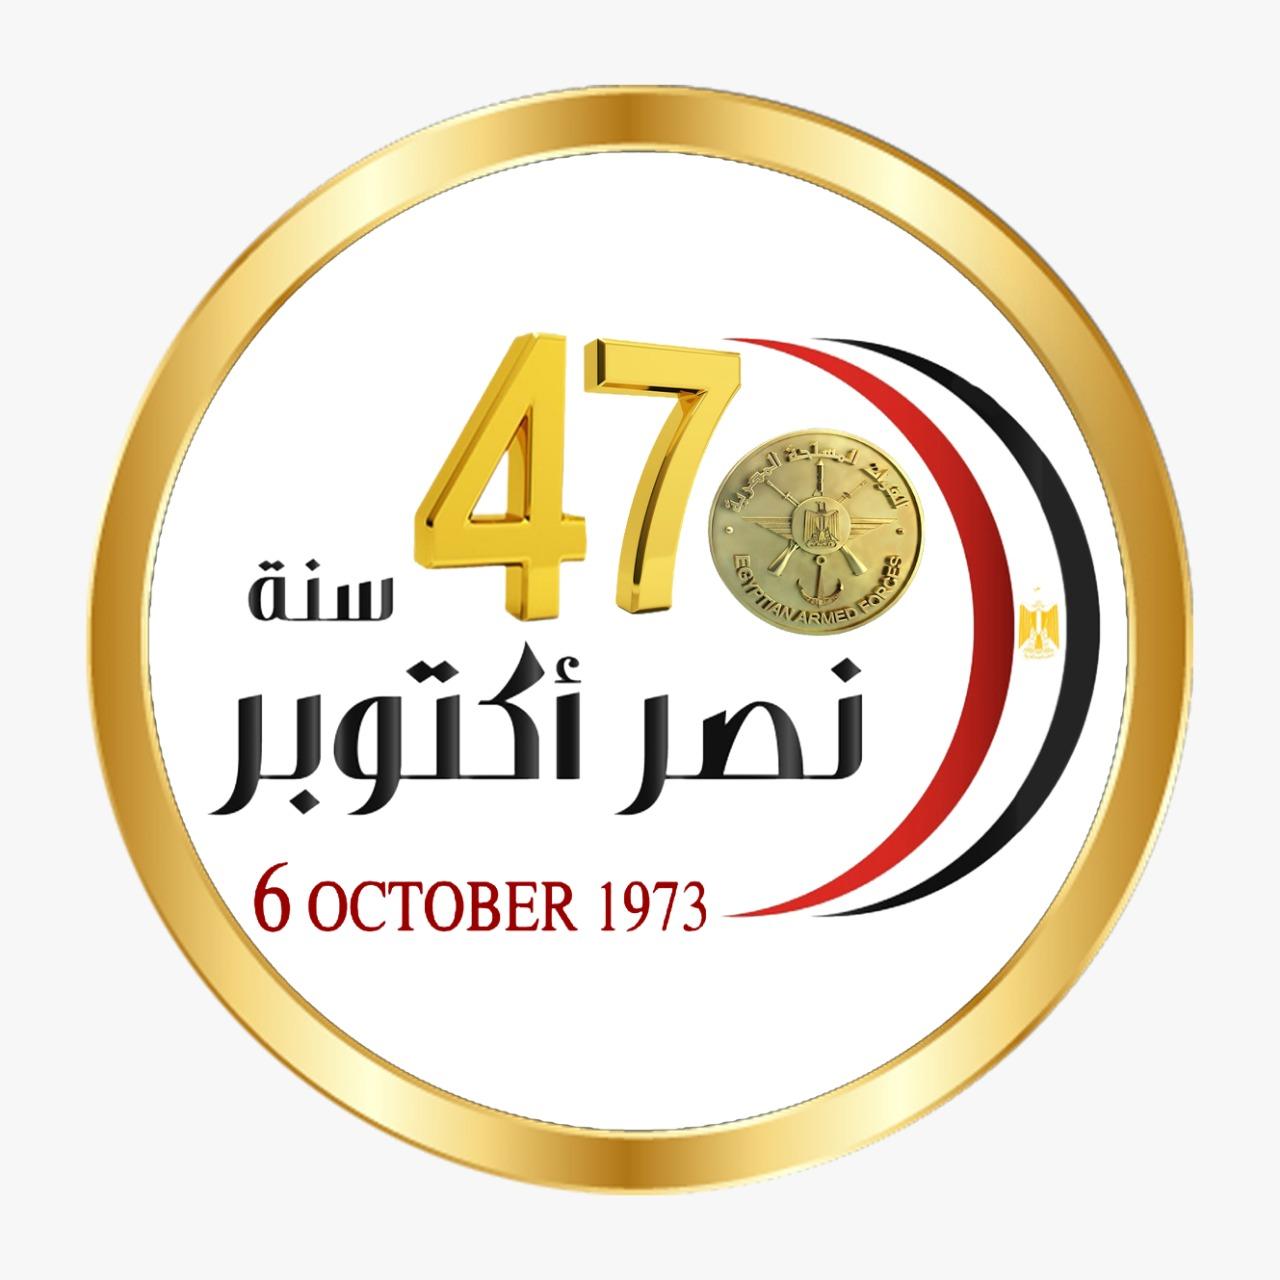 مرور 47 عاماً على النصر المبين.. 6 أكتوبر فخر أيام مصر والعرب